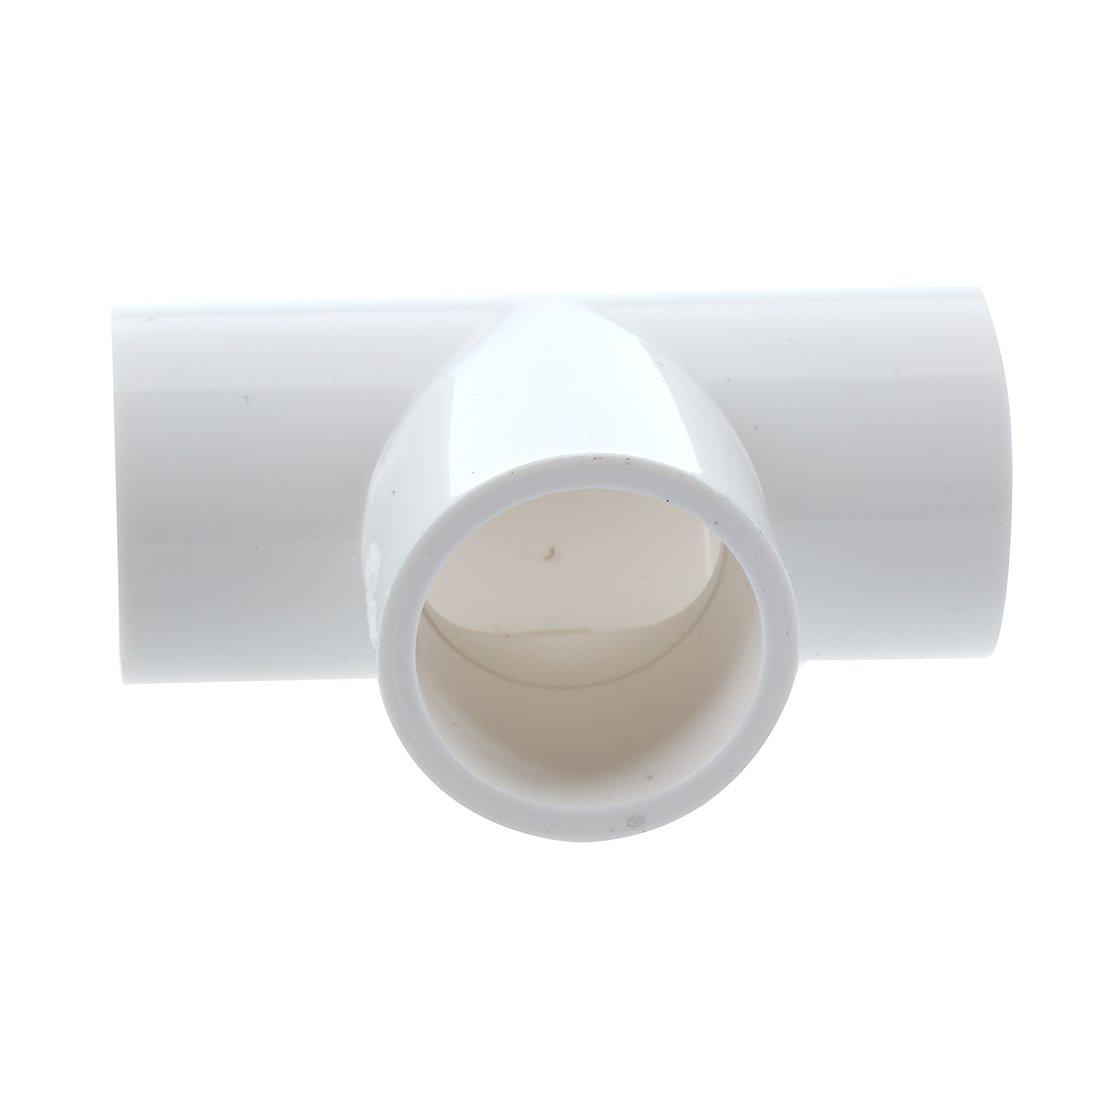 TOOGOO R 5 Raccods adapteur de tee blanc de 20 mm pour les tuyaux en PVC